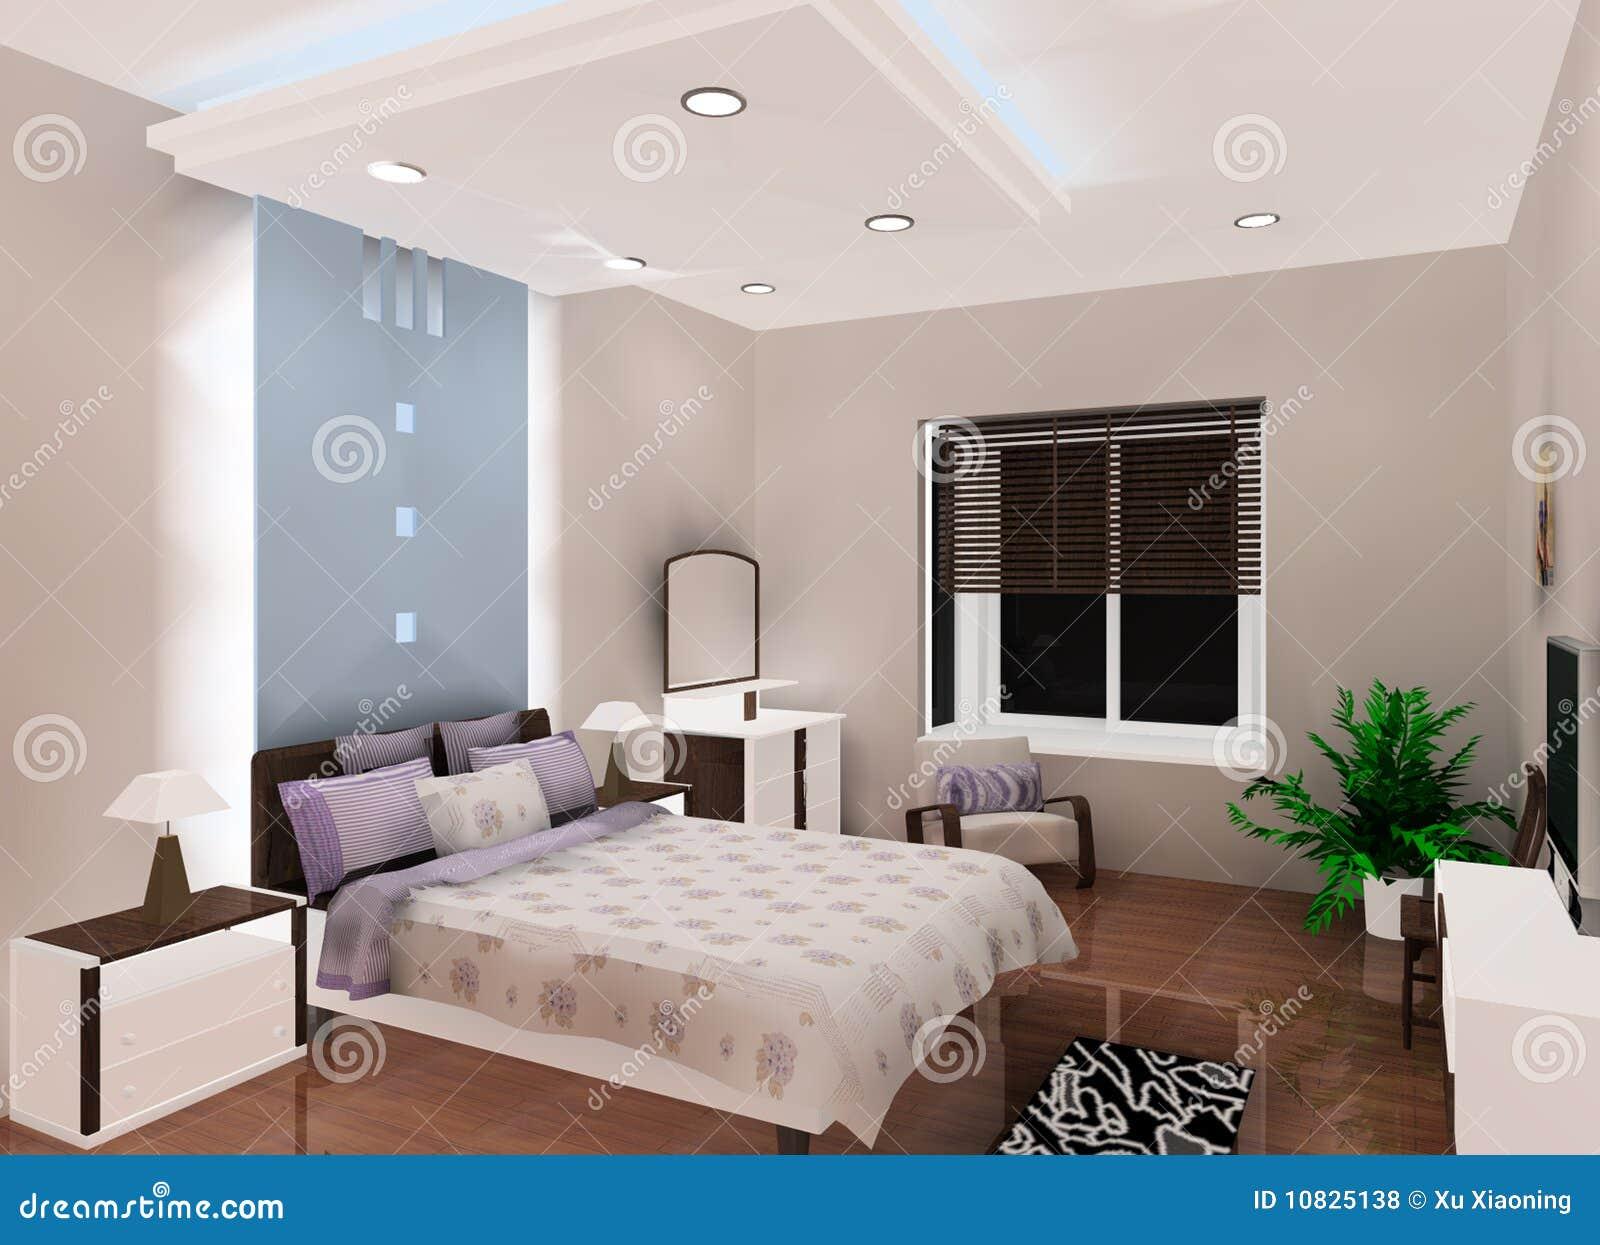 Slaapkamer muur kleur rood - Modern volwassen kamer behang ...